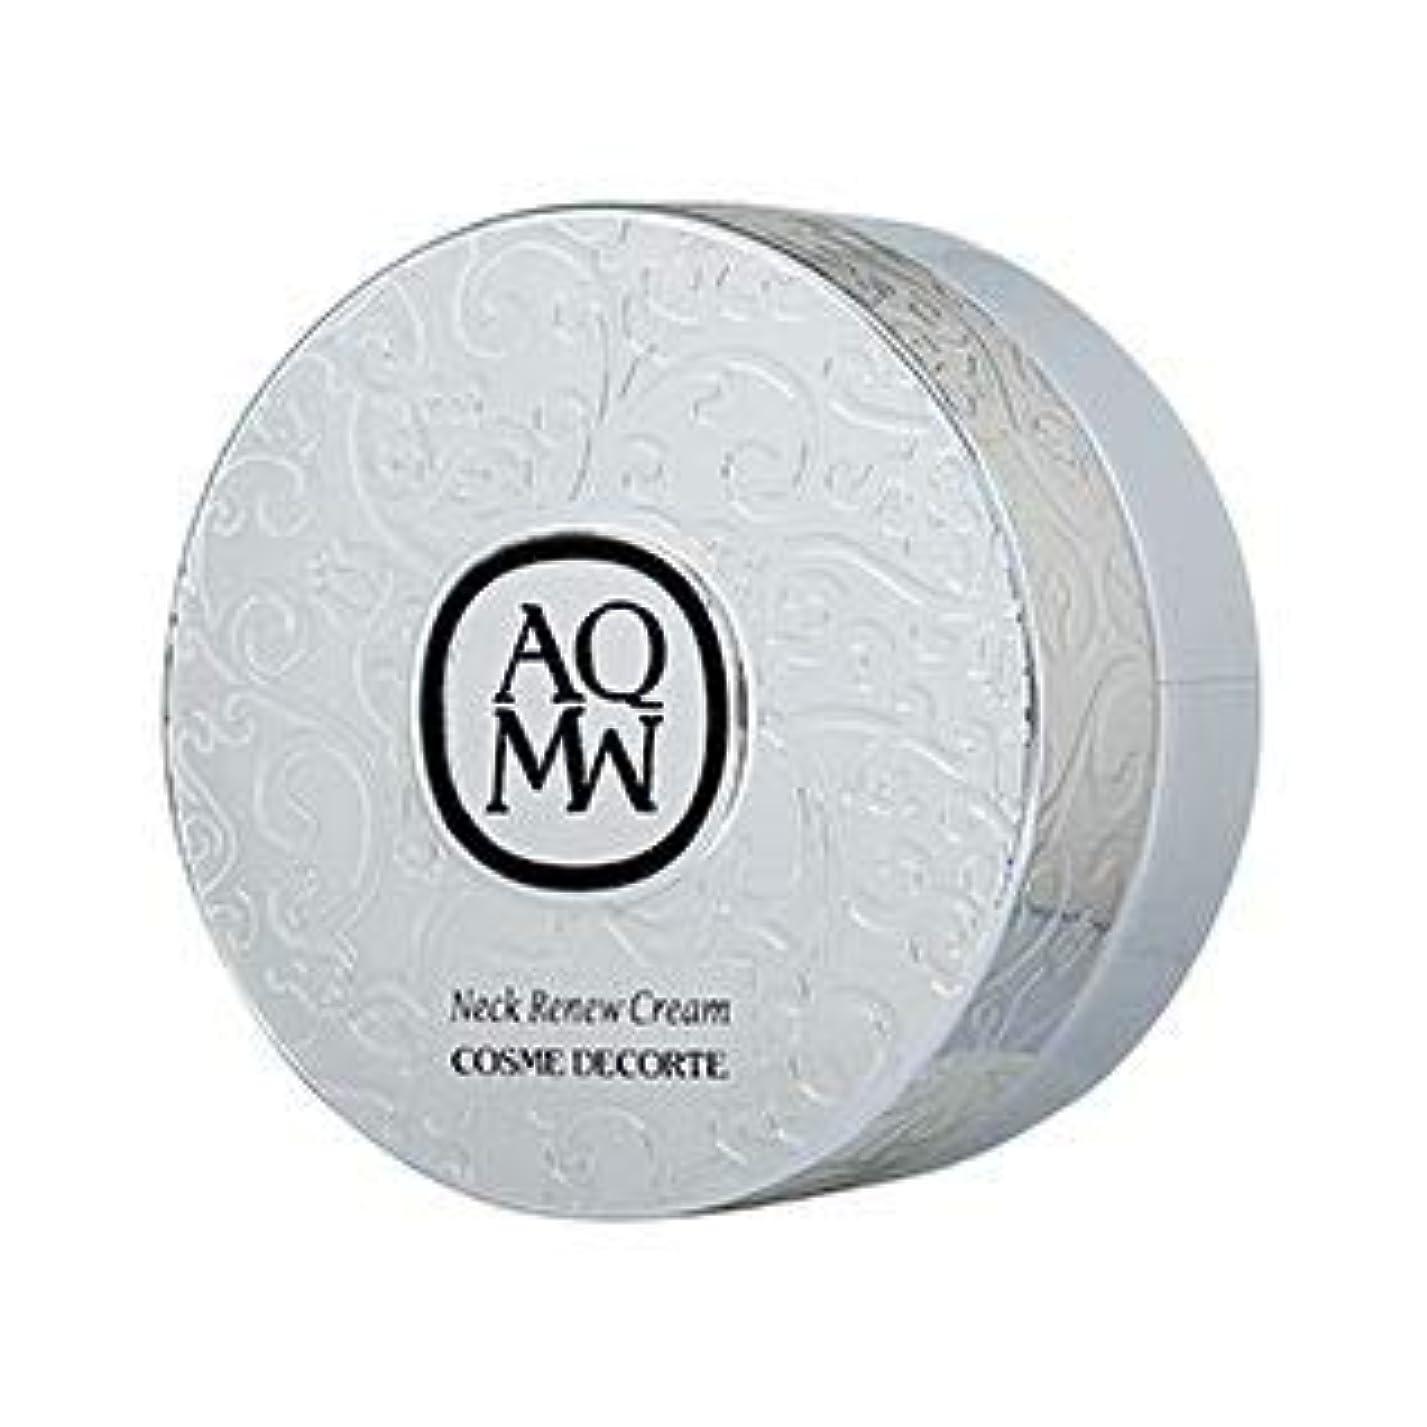 リスナー公古くなったコスメデコルテ(Cosme Decorte) AQMW ネック リニュークリーム 50g [並行輸入品]